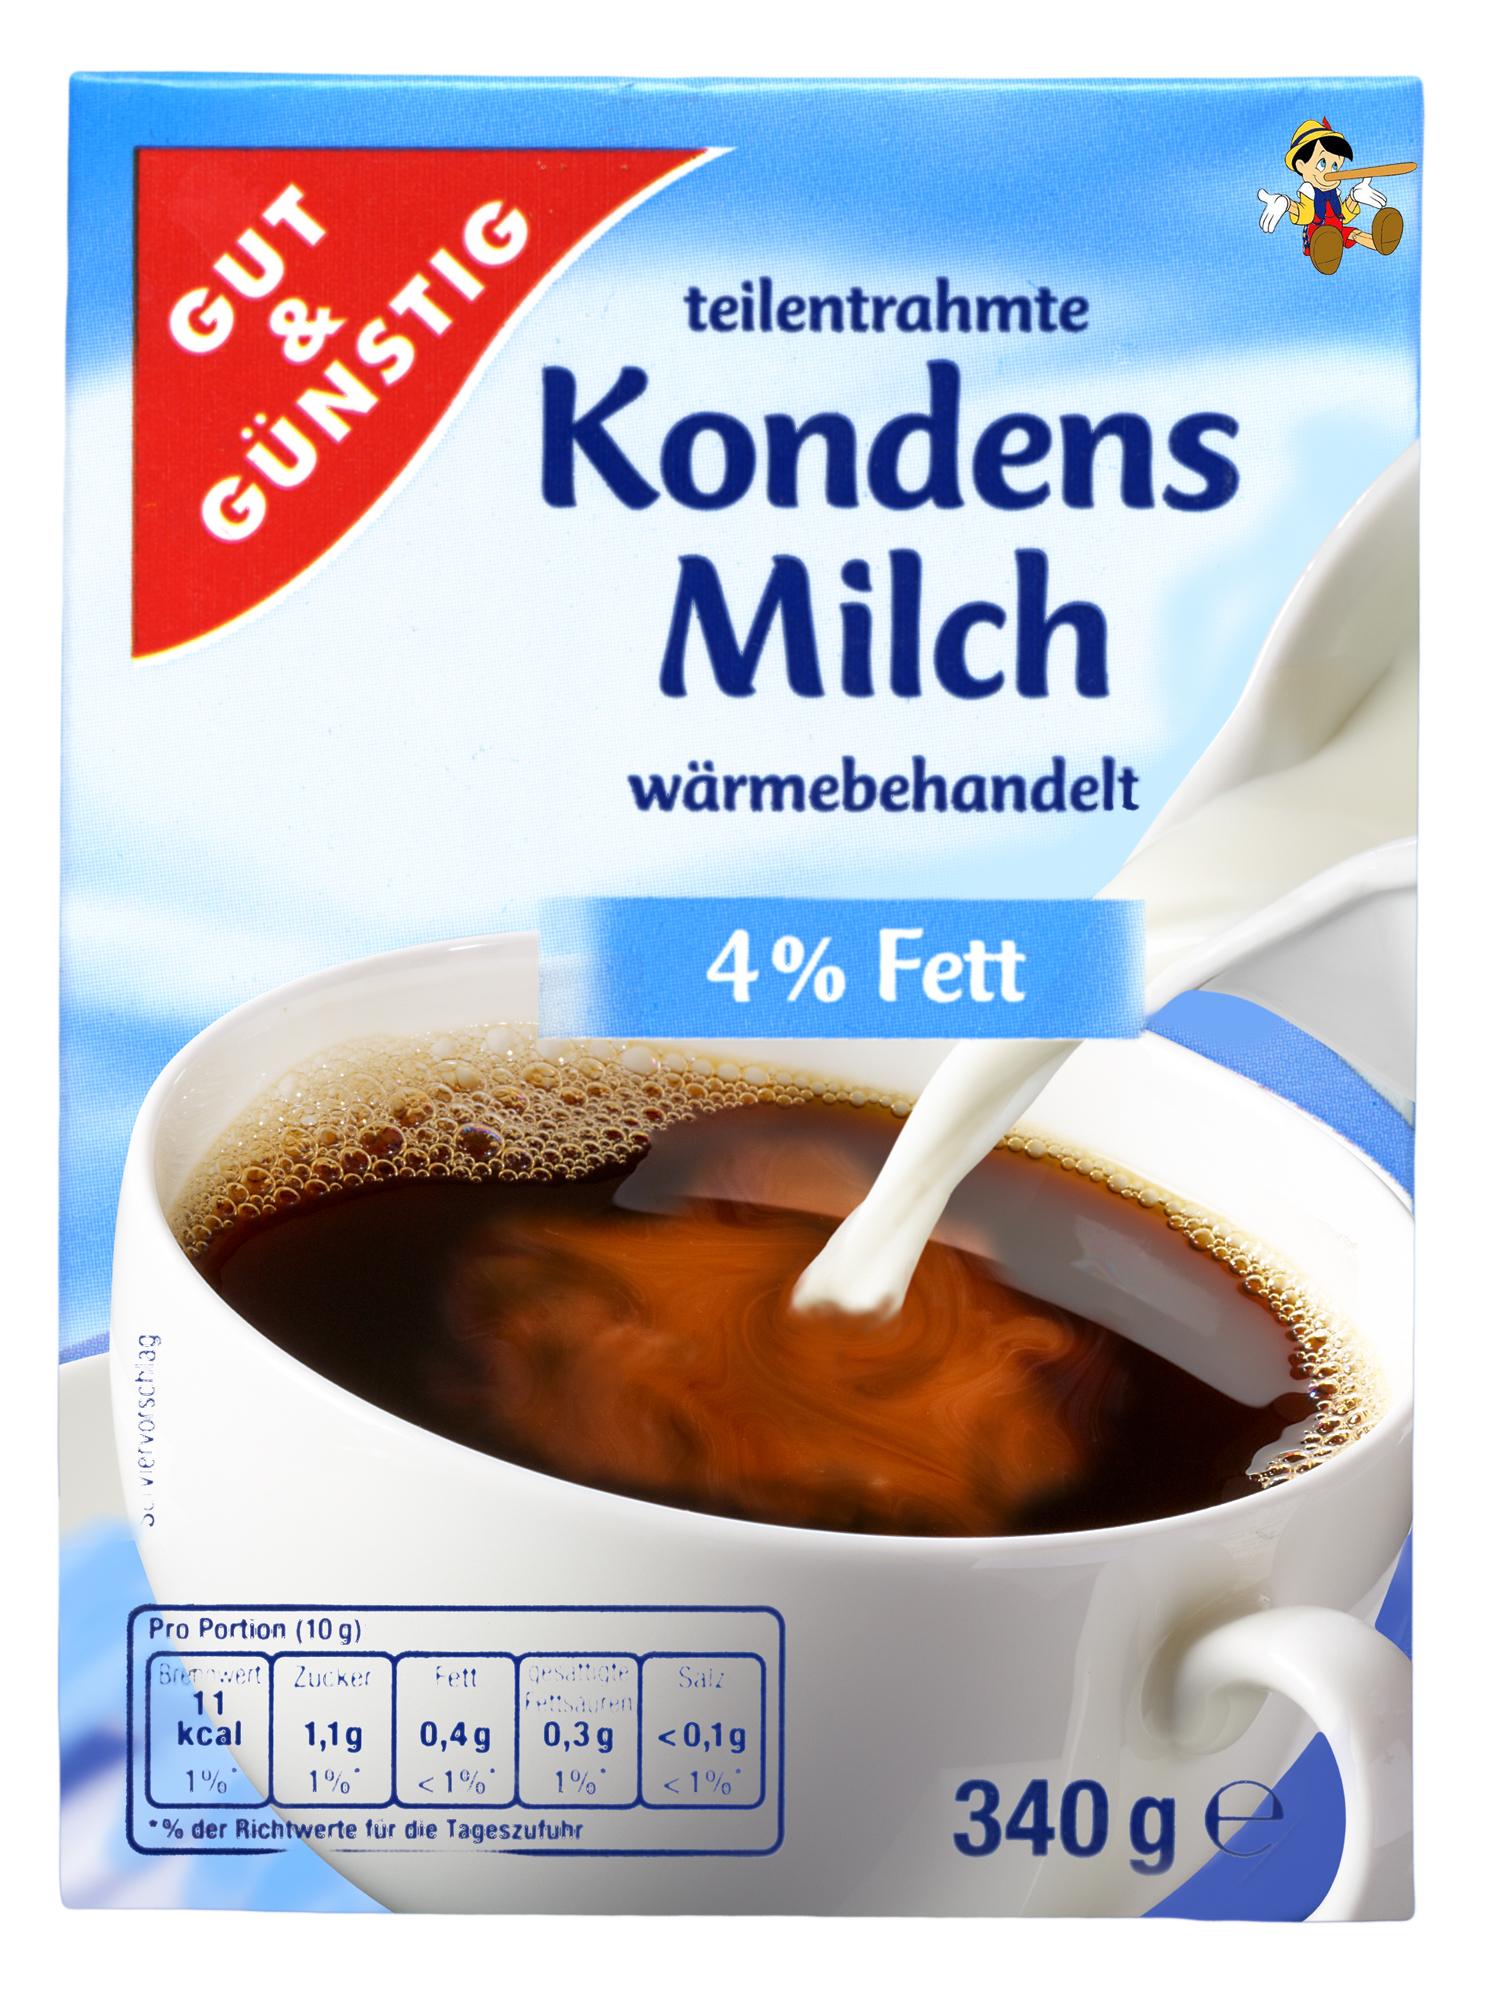 Kondensmilch<br>(gut und günstig)